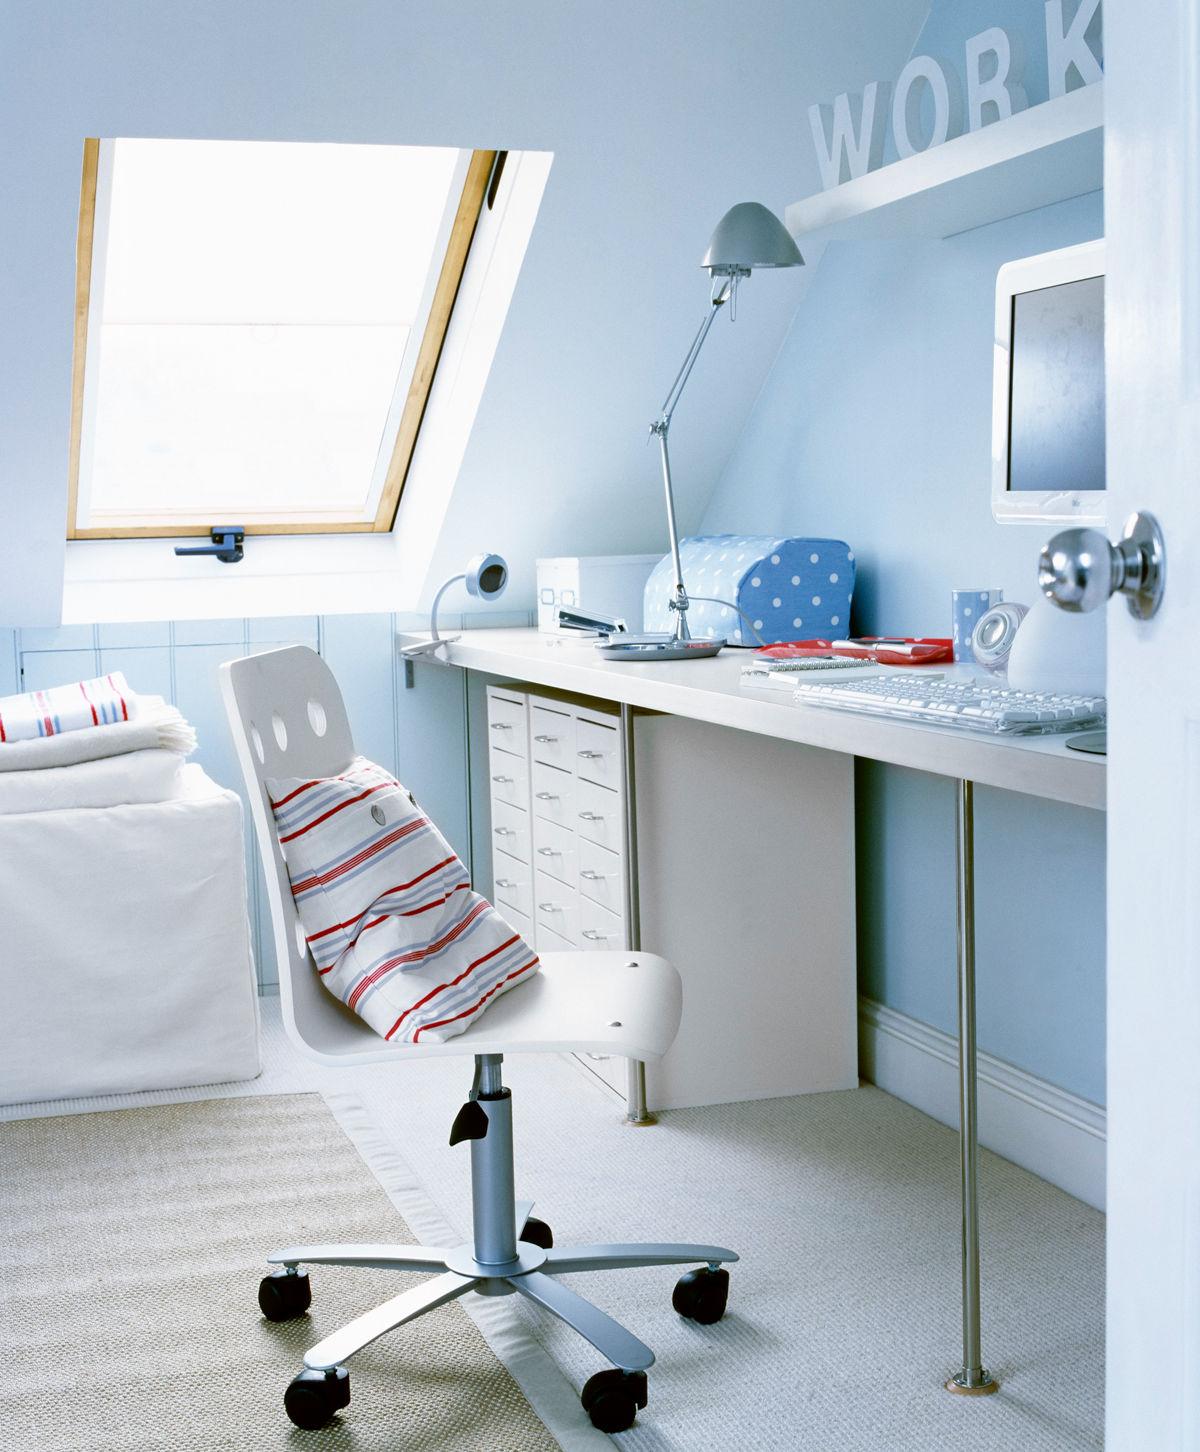 dachschr gen zuhause wohnen. Black Bedroom Furniture Sets. Home Design Ideas